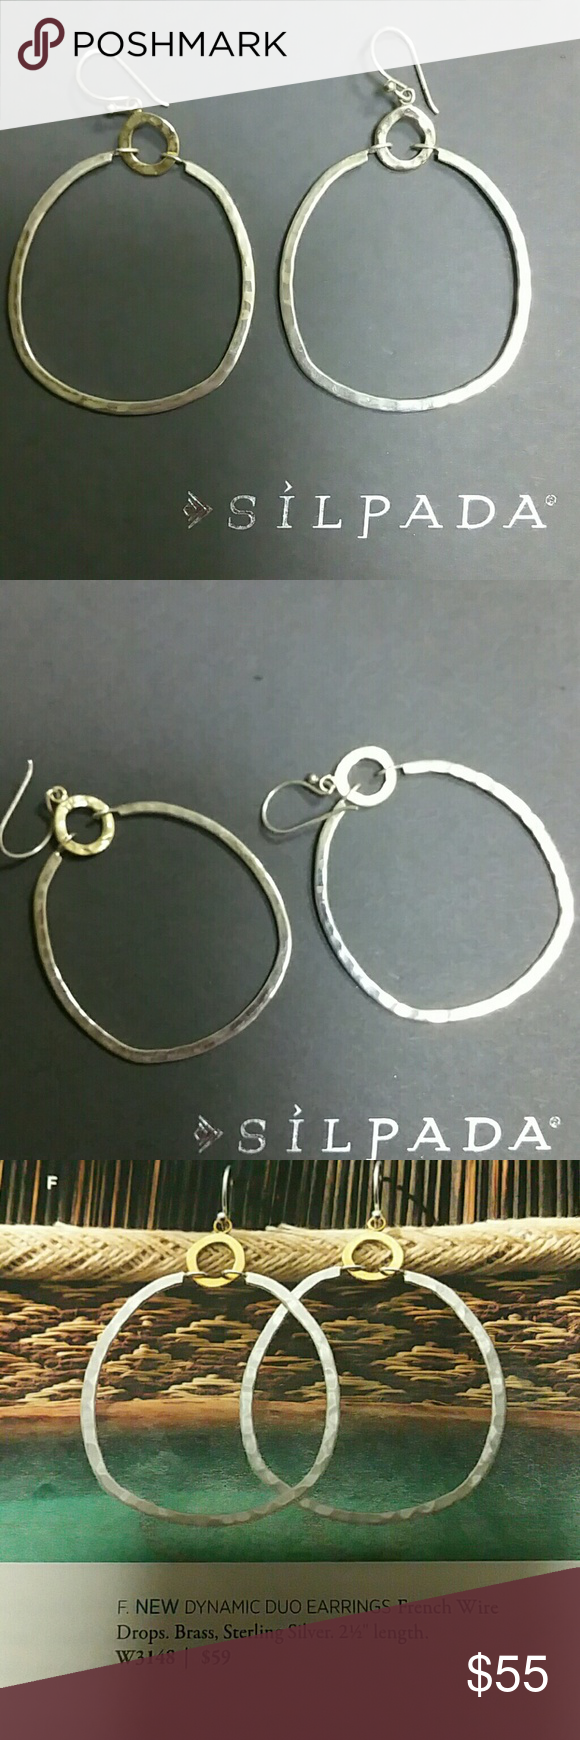 Sold Jewelry W3148 And Drop Earrings Silpada zrZax7z